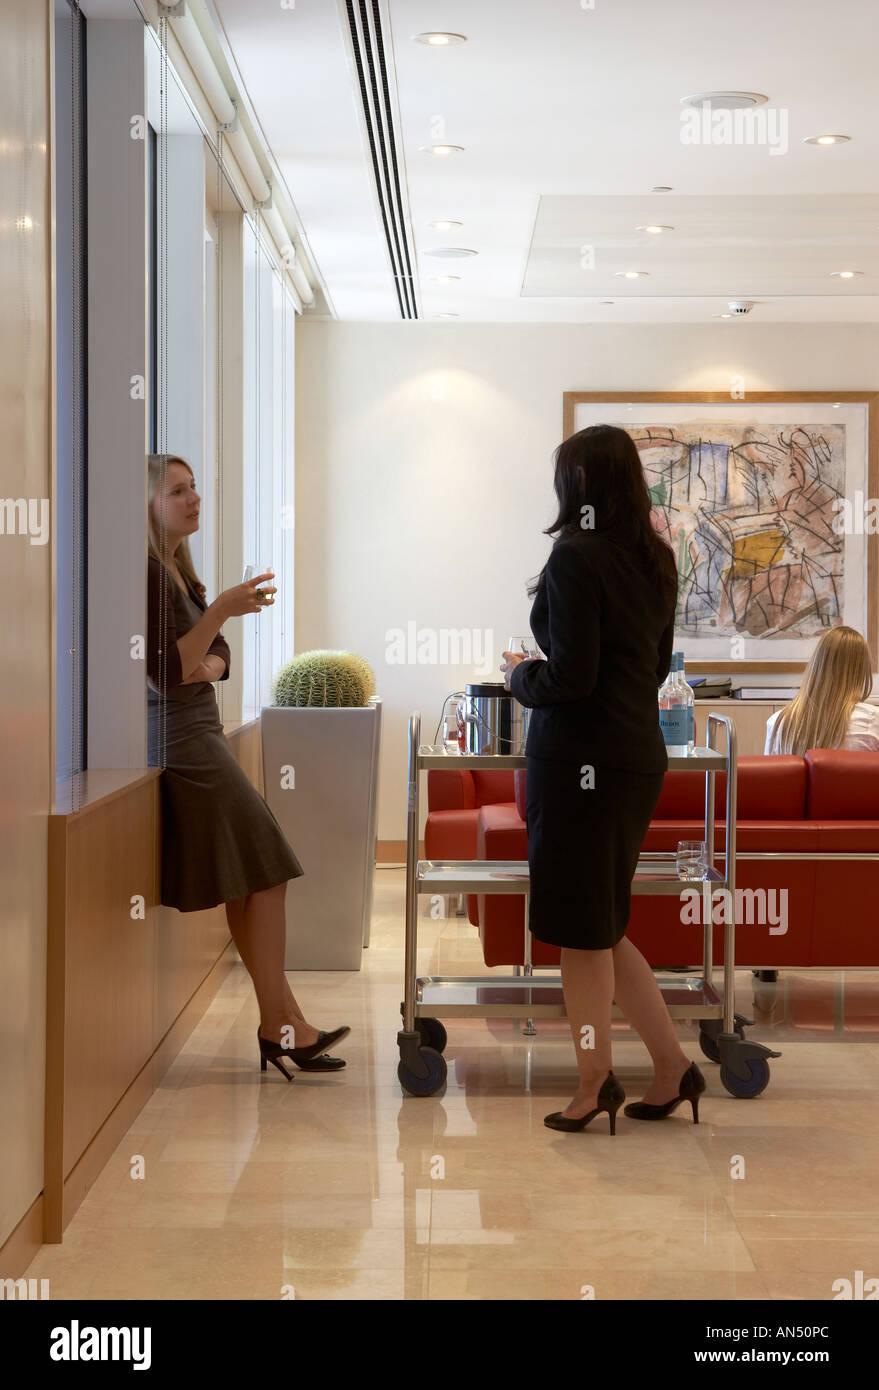 La vie de bureau et des intérieurs de la deuxième partie. Employés en salle du personnel parlant. Photo Stock